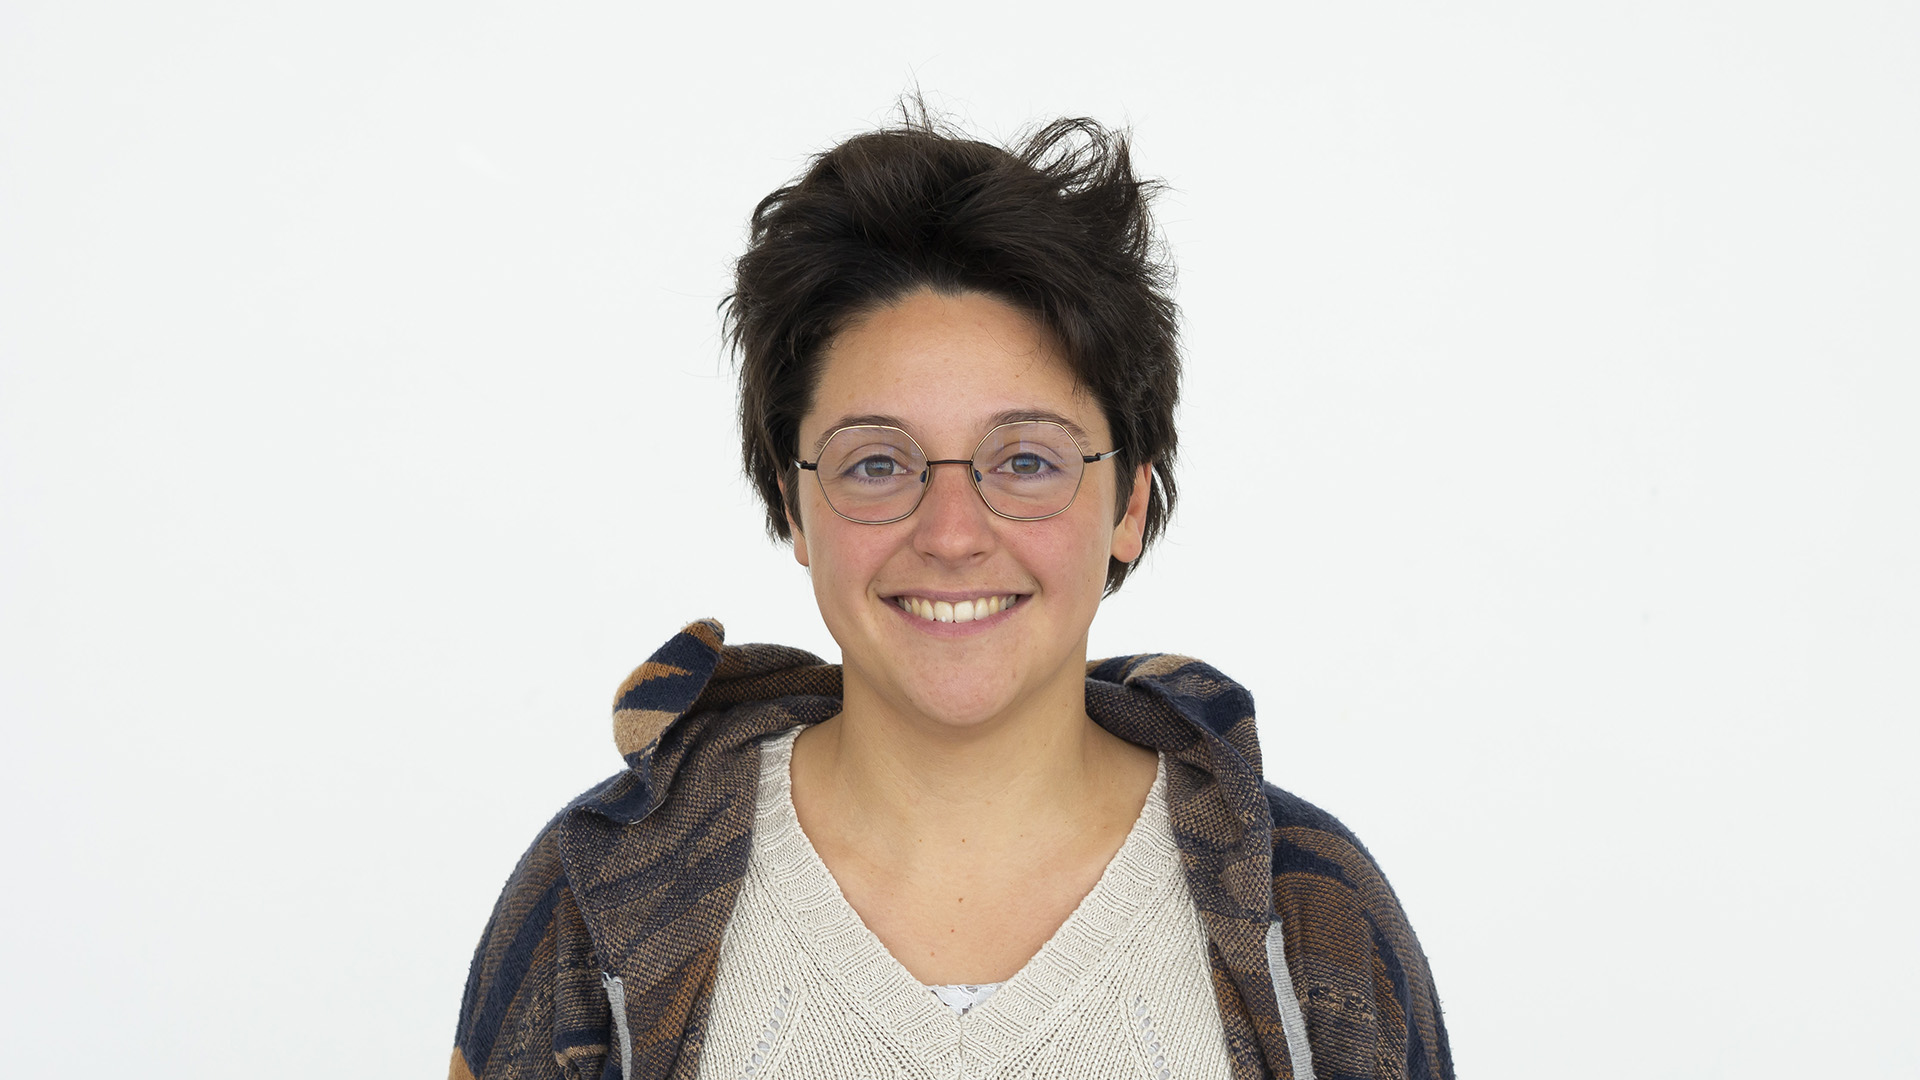 Odeline Billant